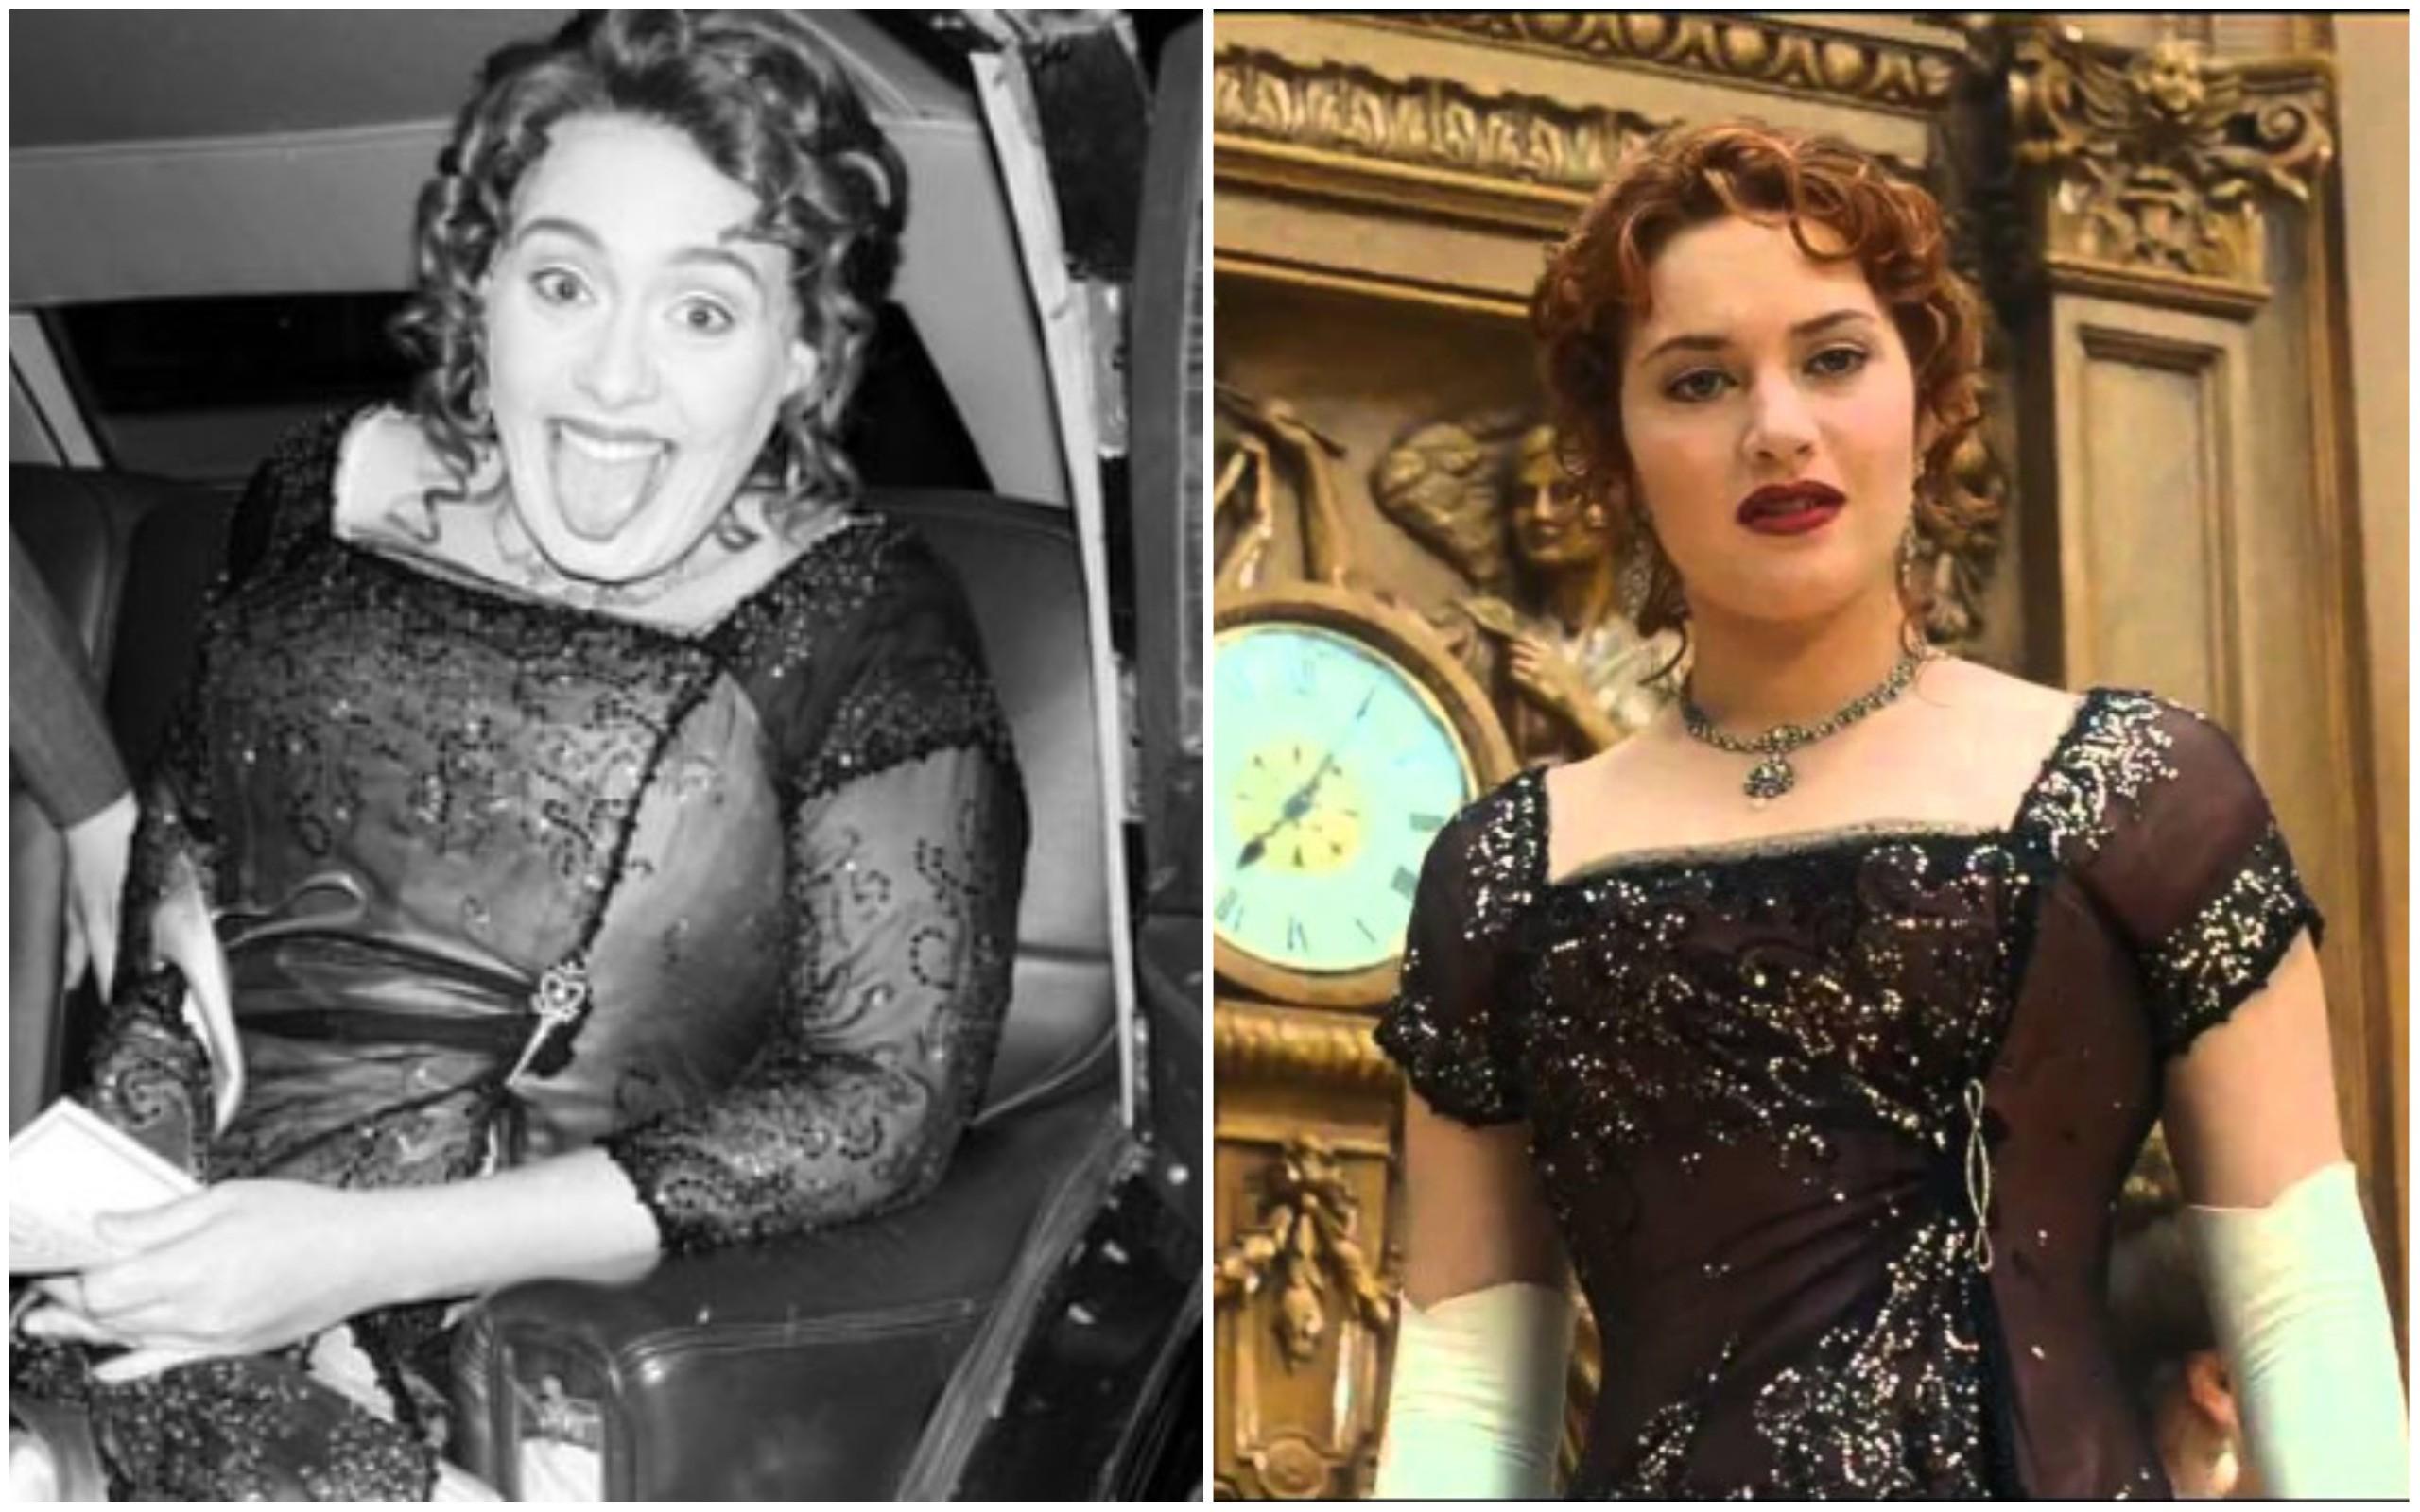 Adele e Kate Winslet como Rose de Titanic (1997) (Foto: Instagram / Divulgação)